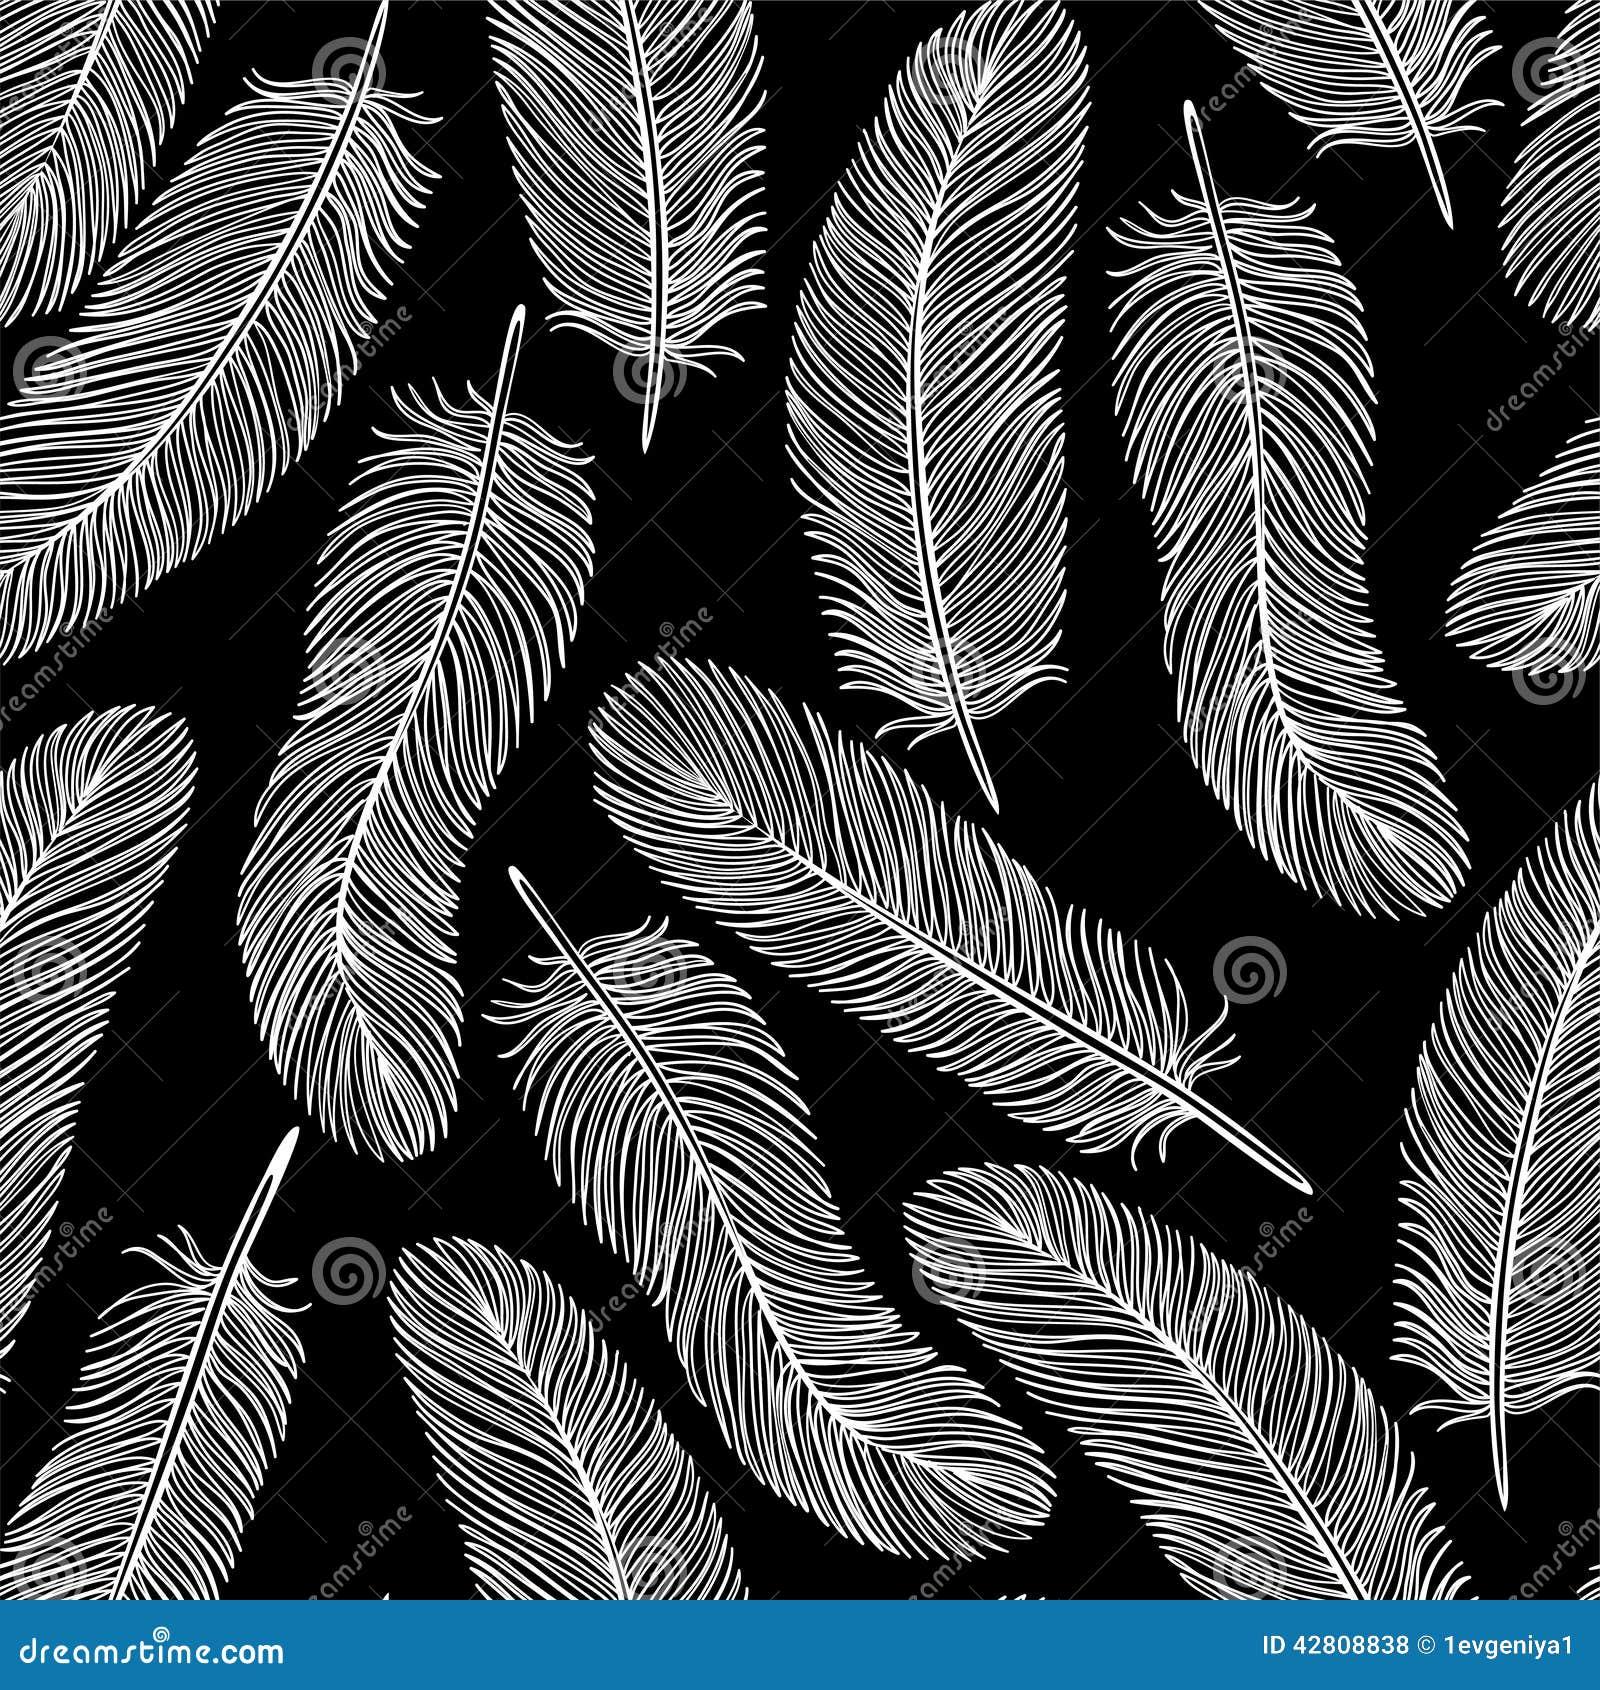 blackandwhite feather seamless background stock